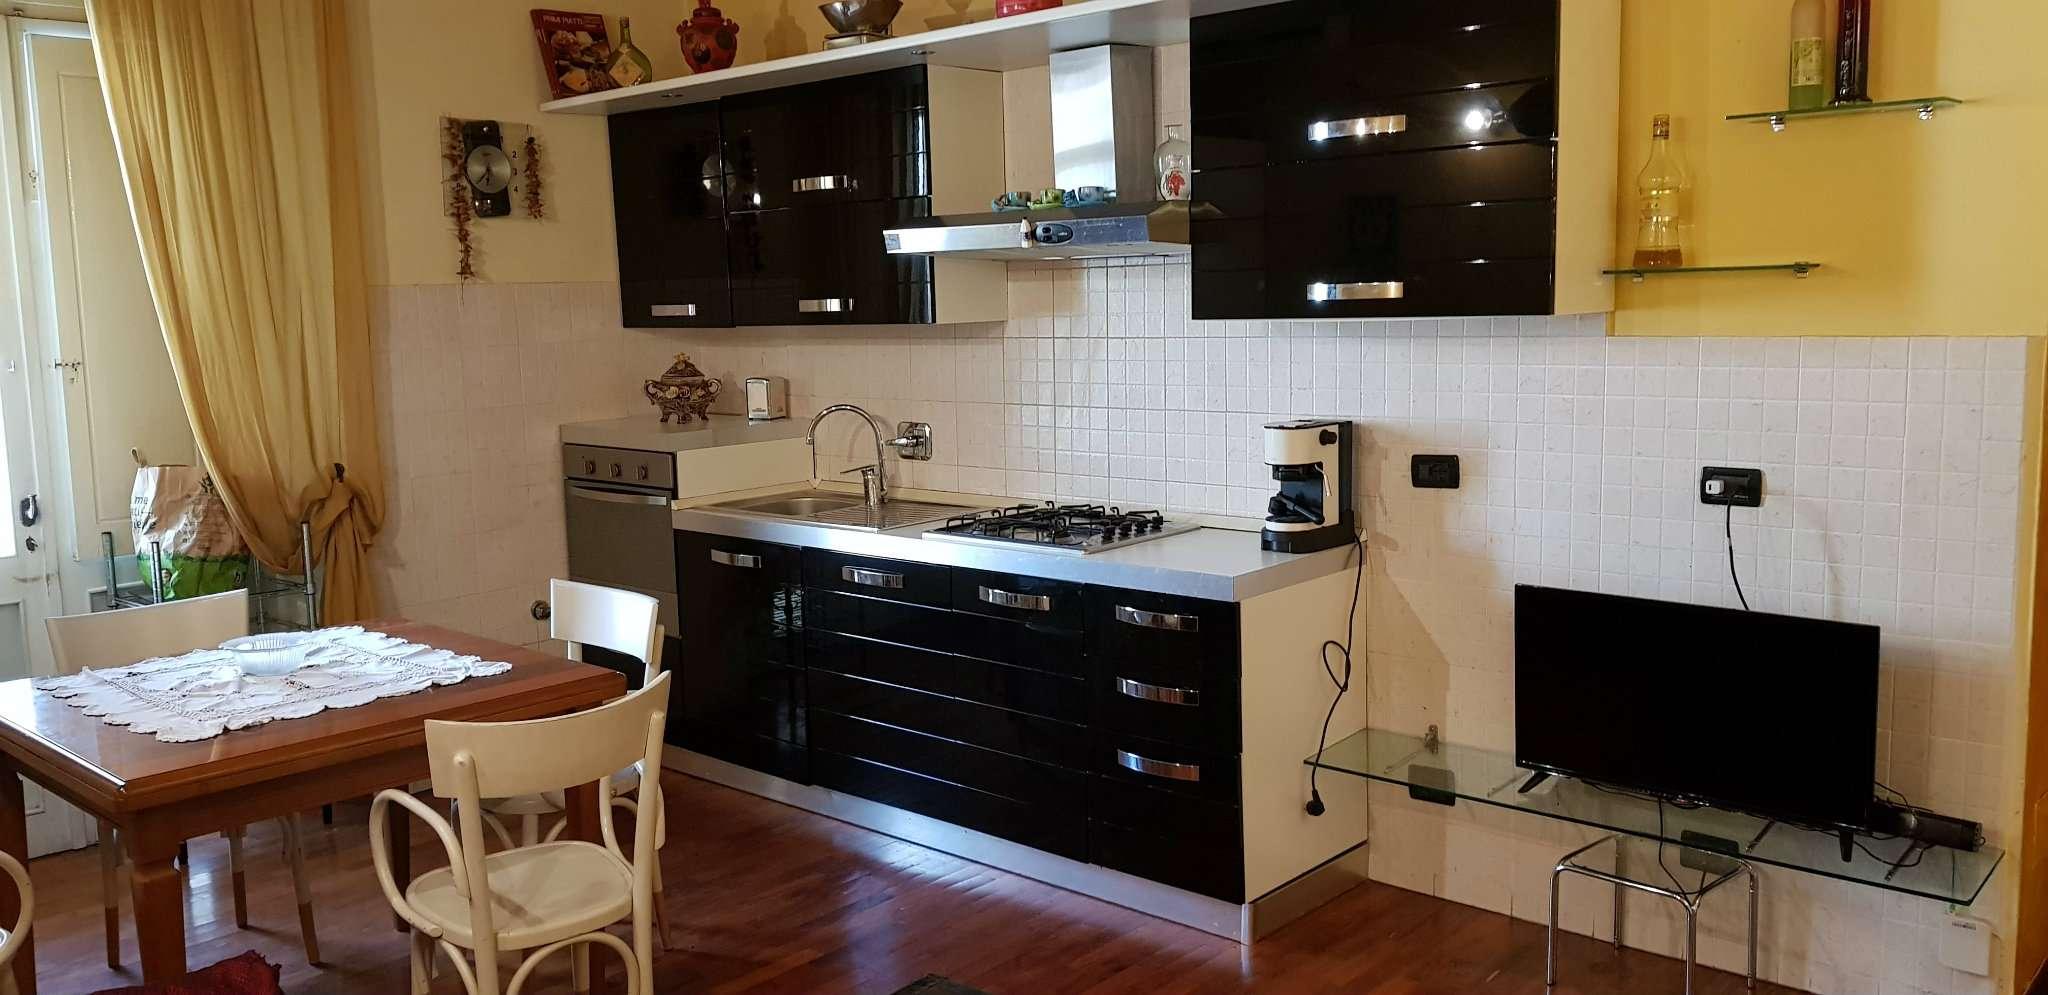 Affitto - Appartamento - Torino - SAN DONATO V. PINELLI TRILOCALE ARREDATO EURO 570